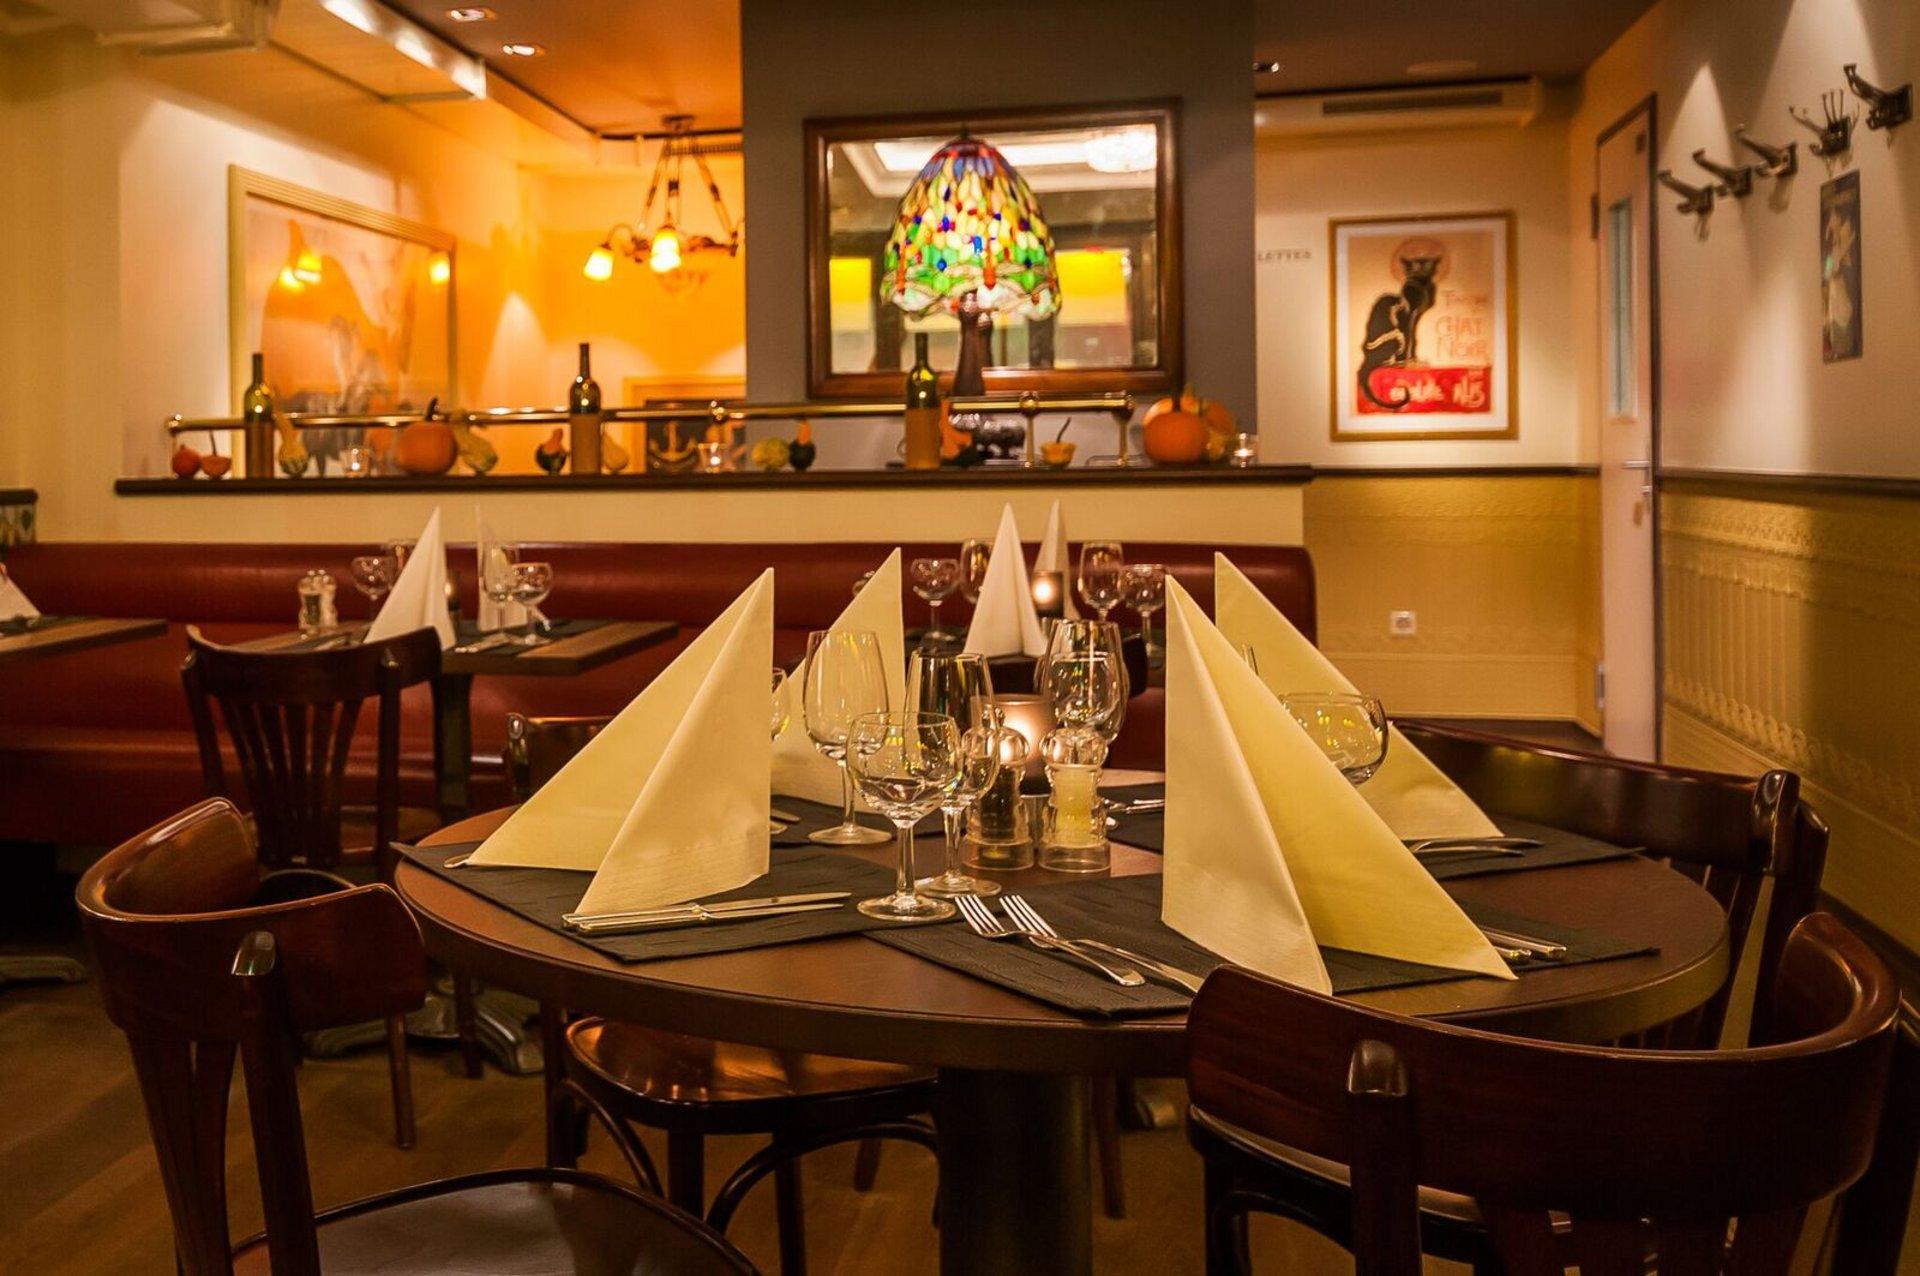 Innenansicht eines rustikalen Restaurants mit gedecktem Tisch im Vordergrund